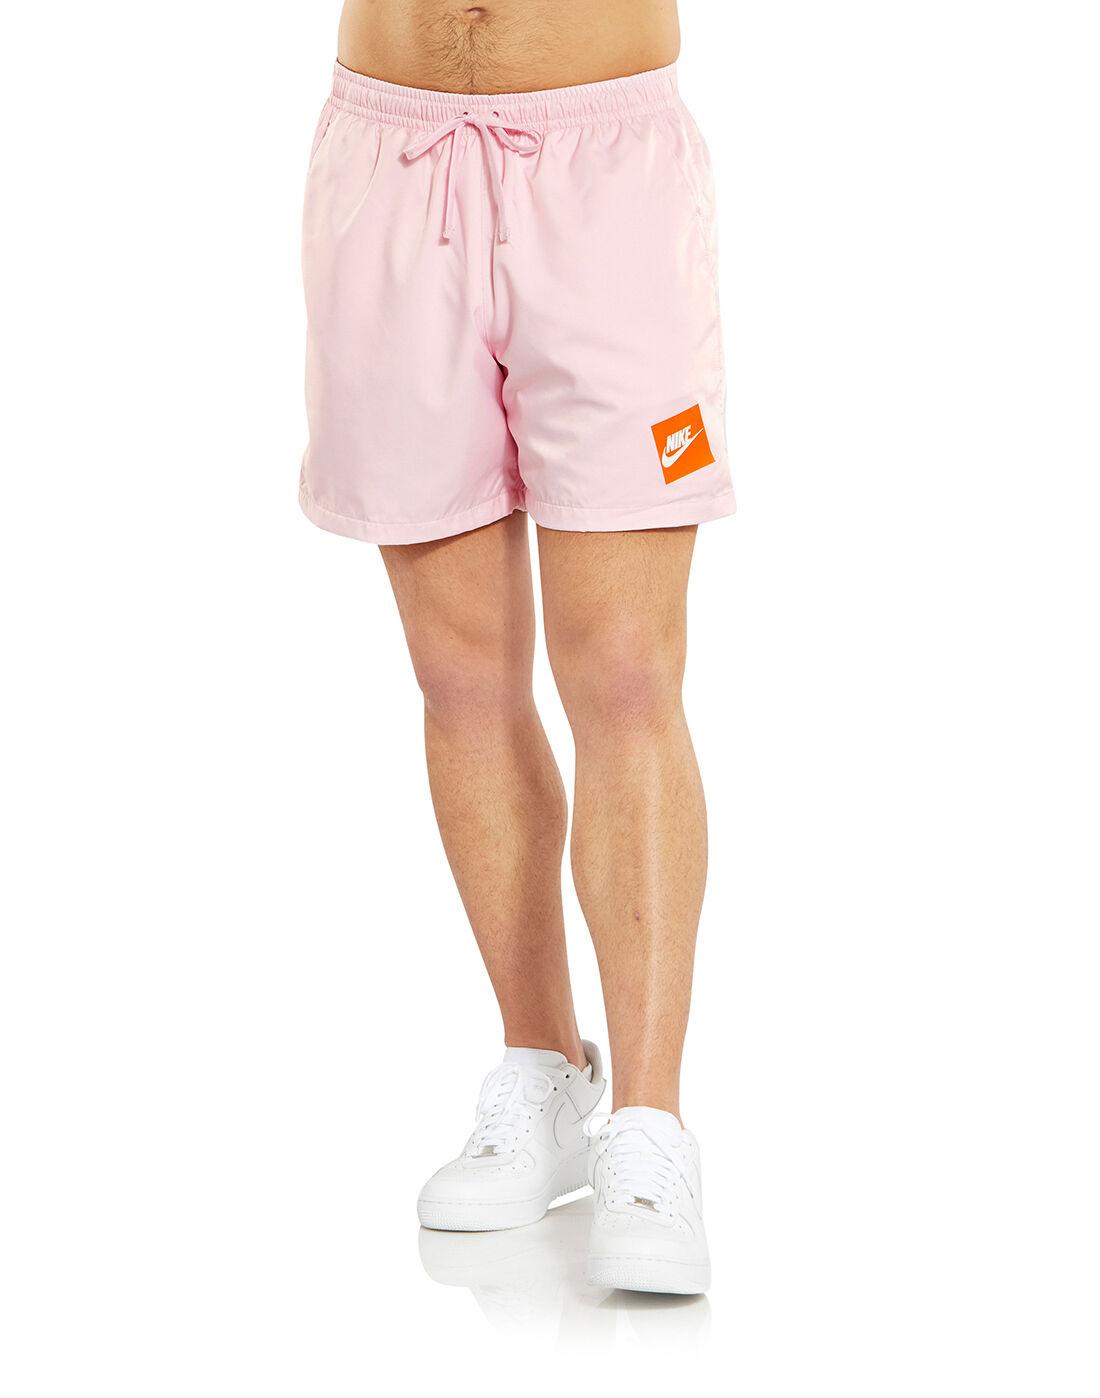 Men's Pink & Orange Nike Shorts | Life Style Sports